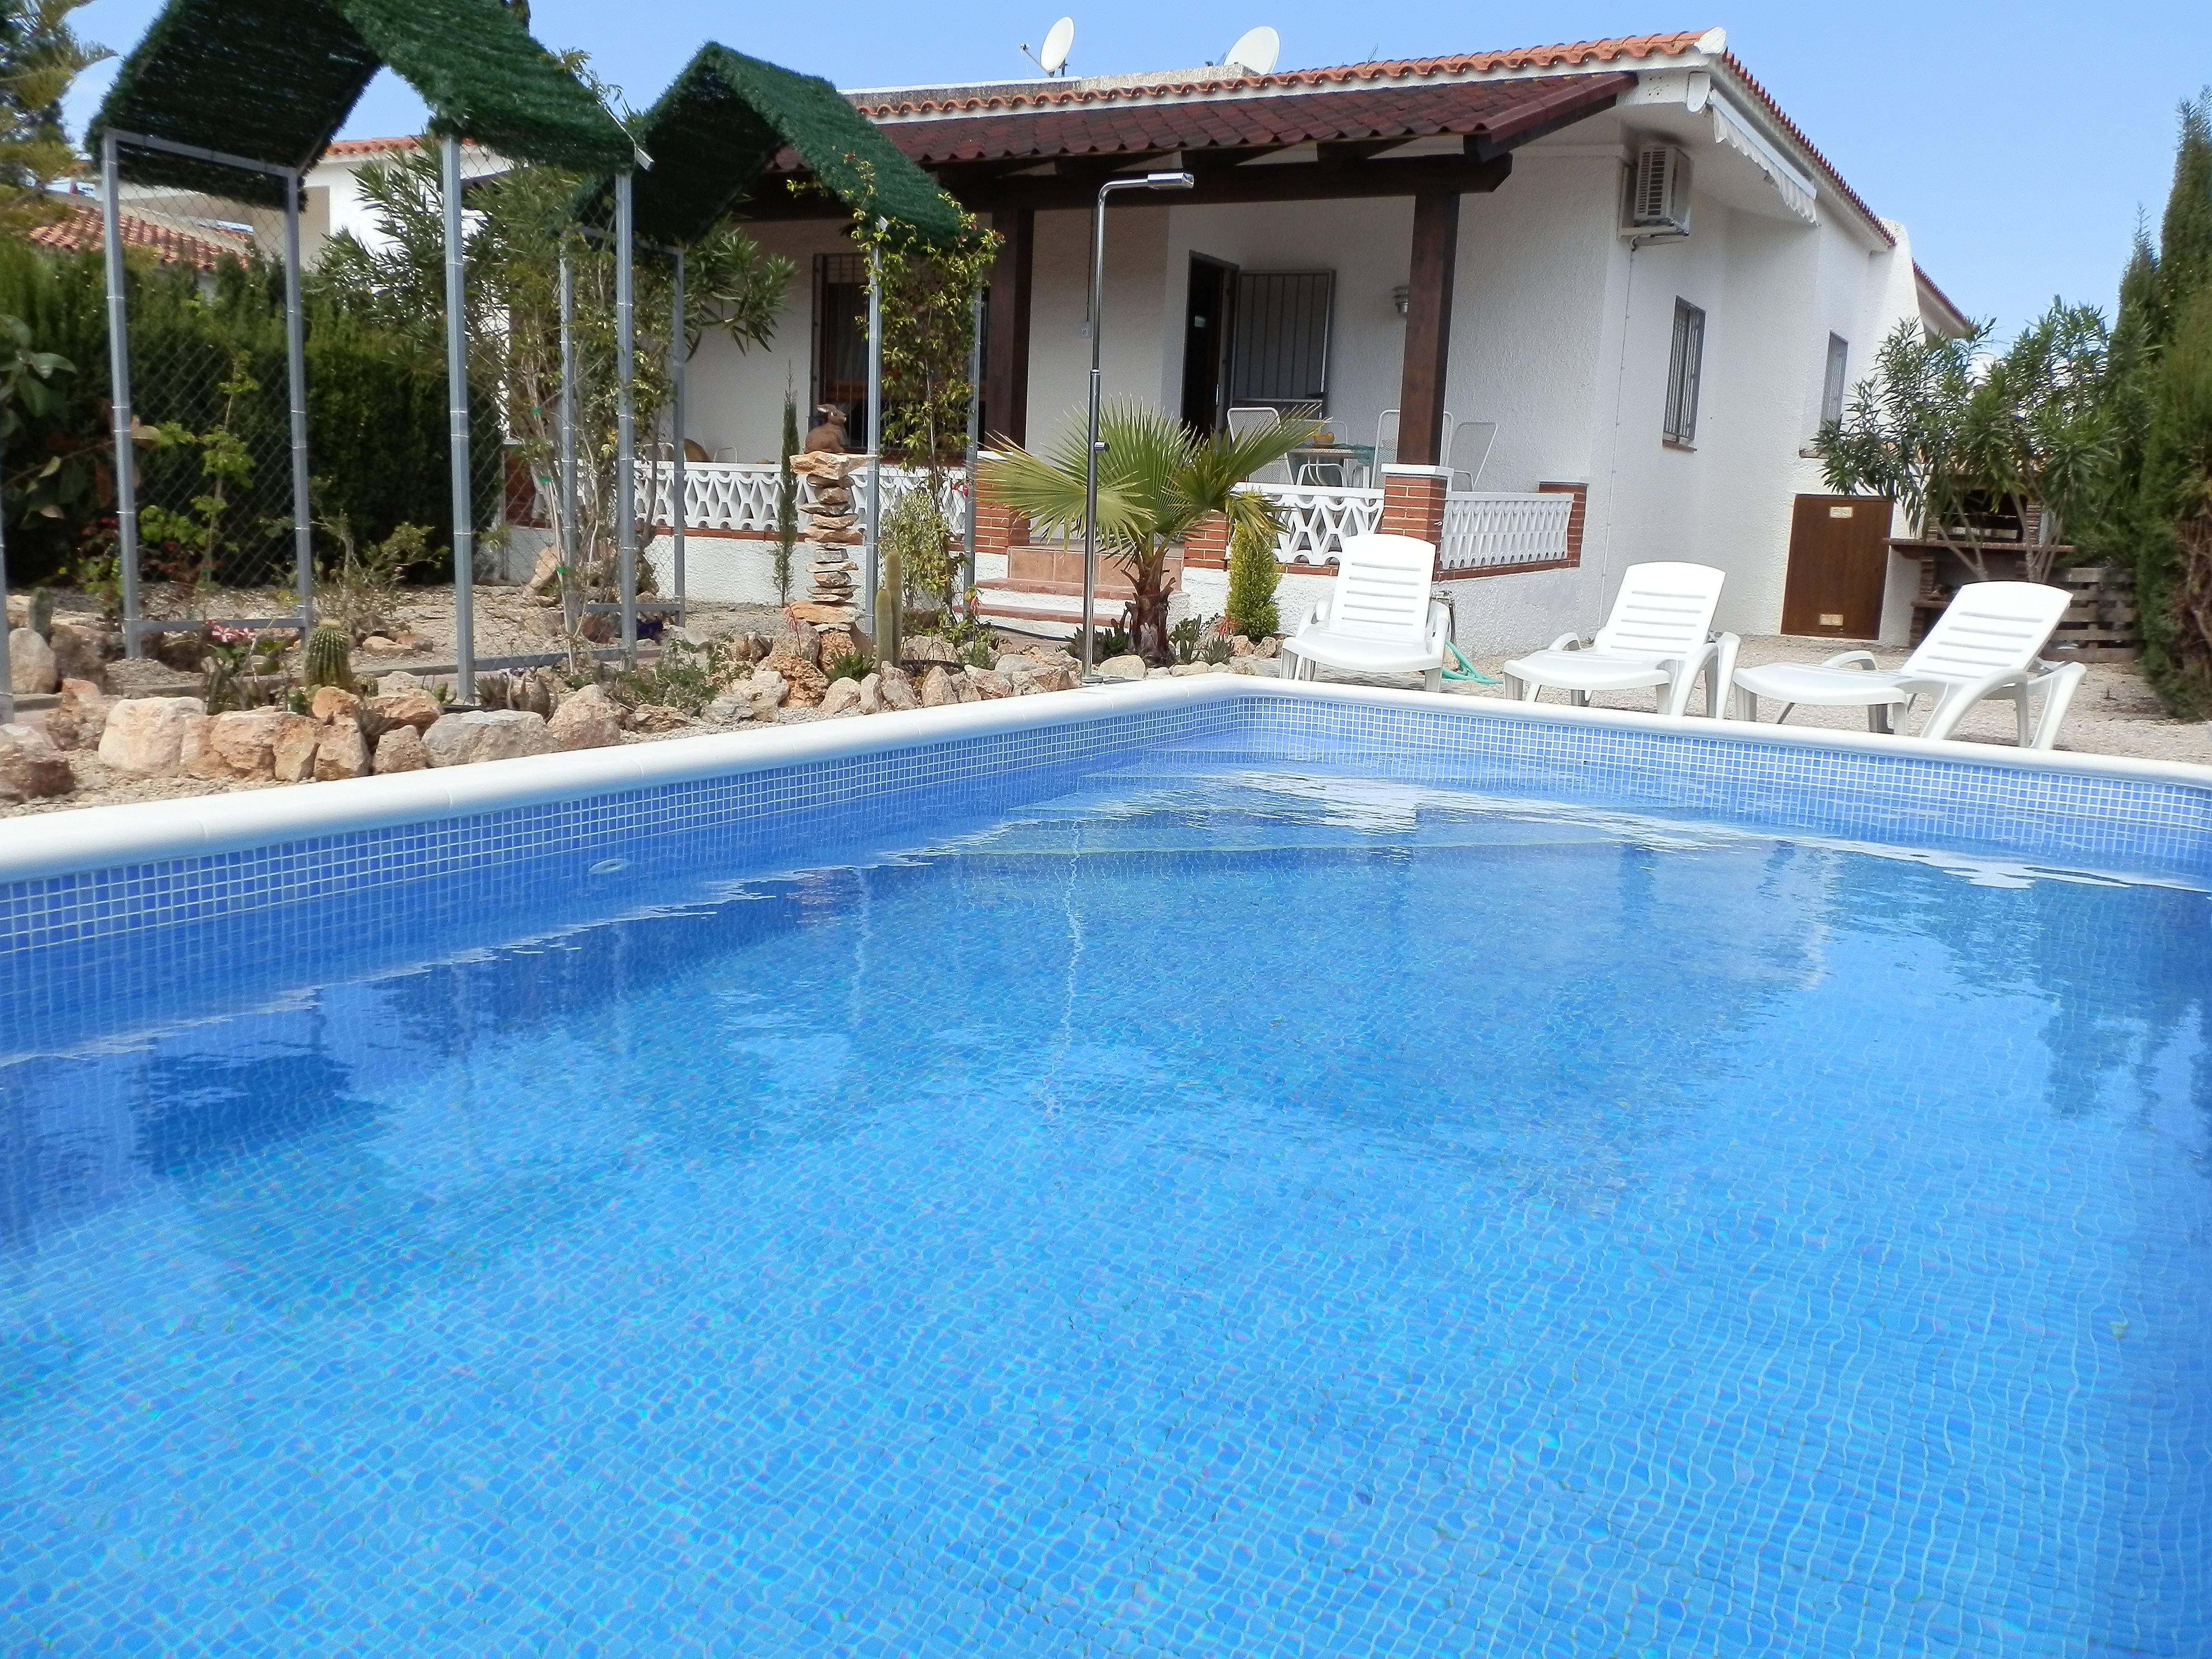 Casa para 6 personas a 150 m de la playa riumar for Apartamentos jardin playa larga tarragona